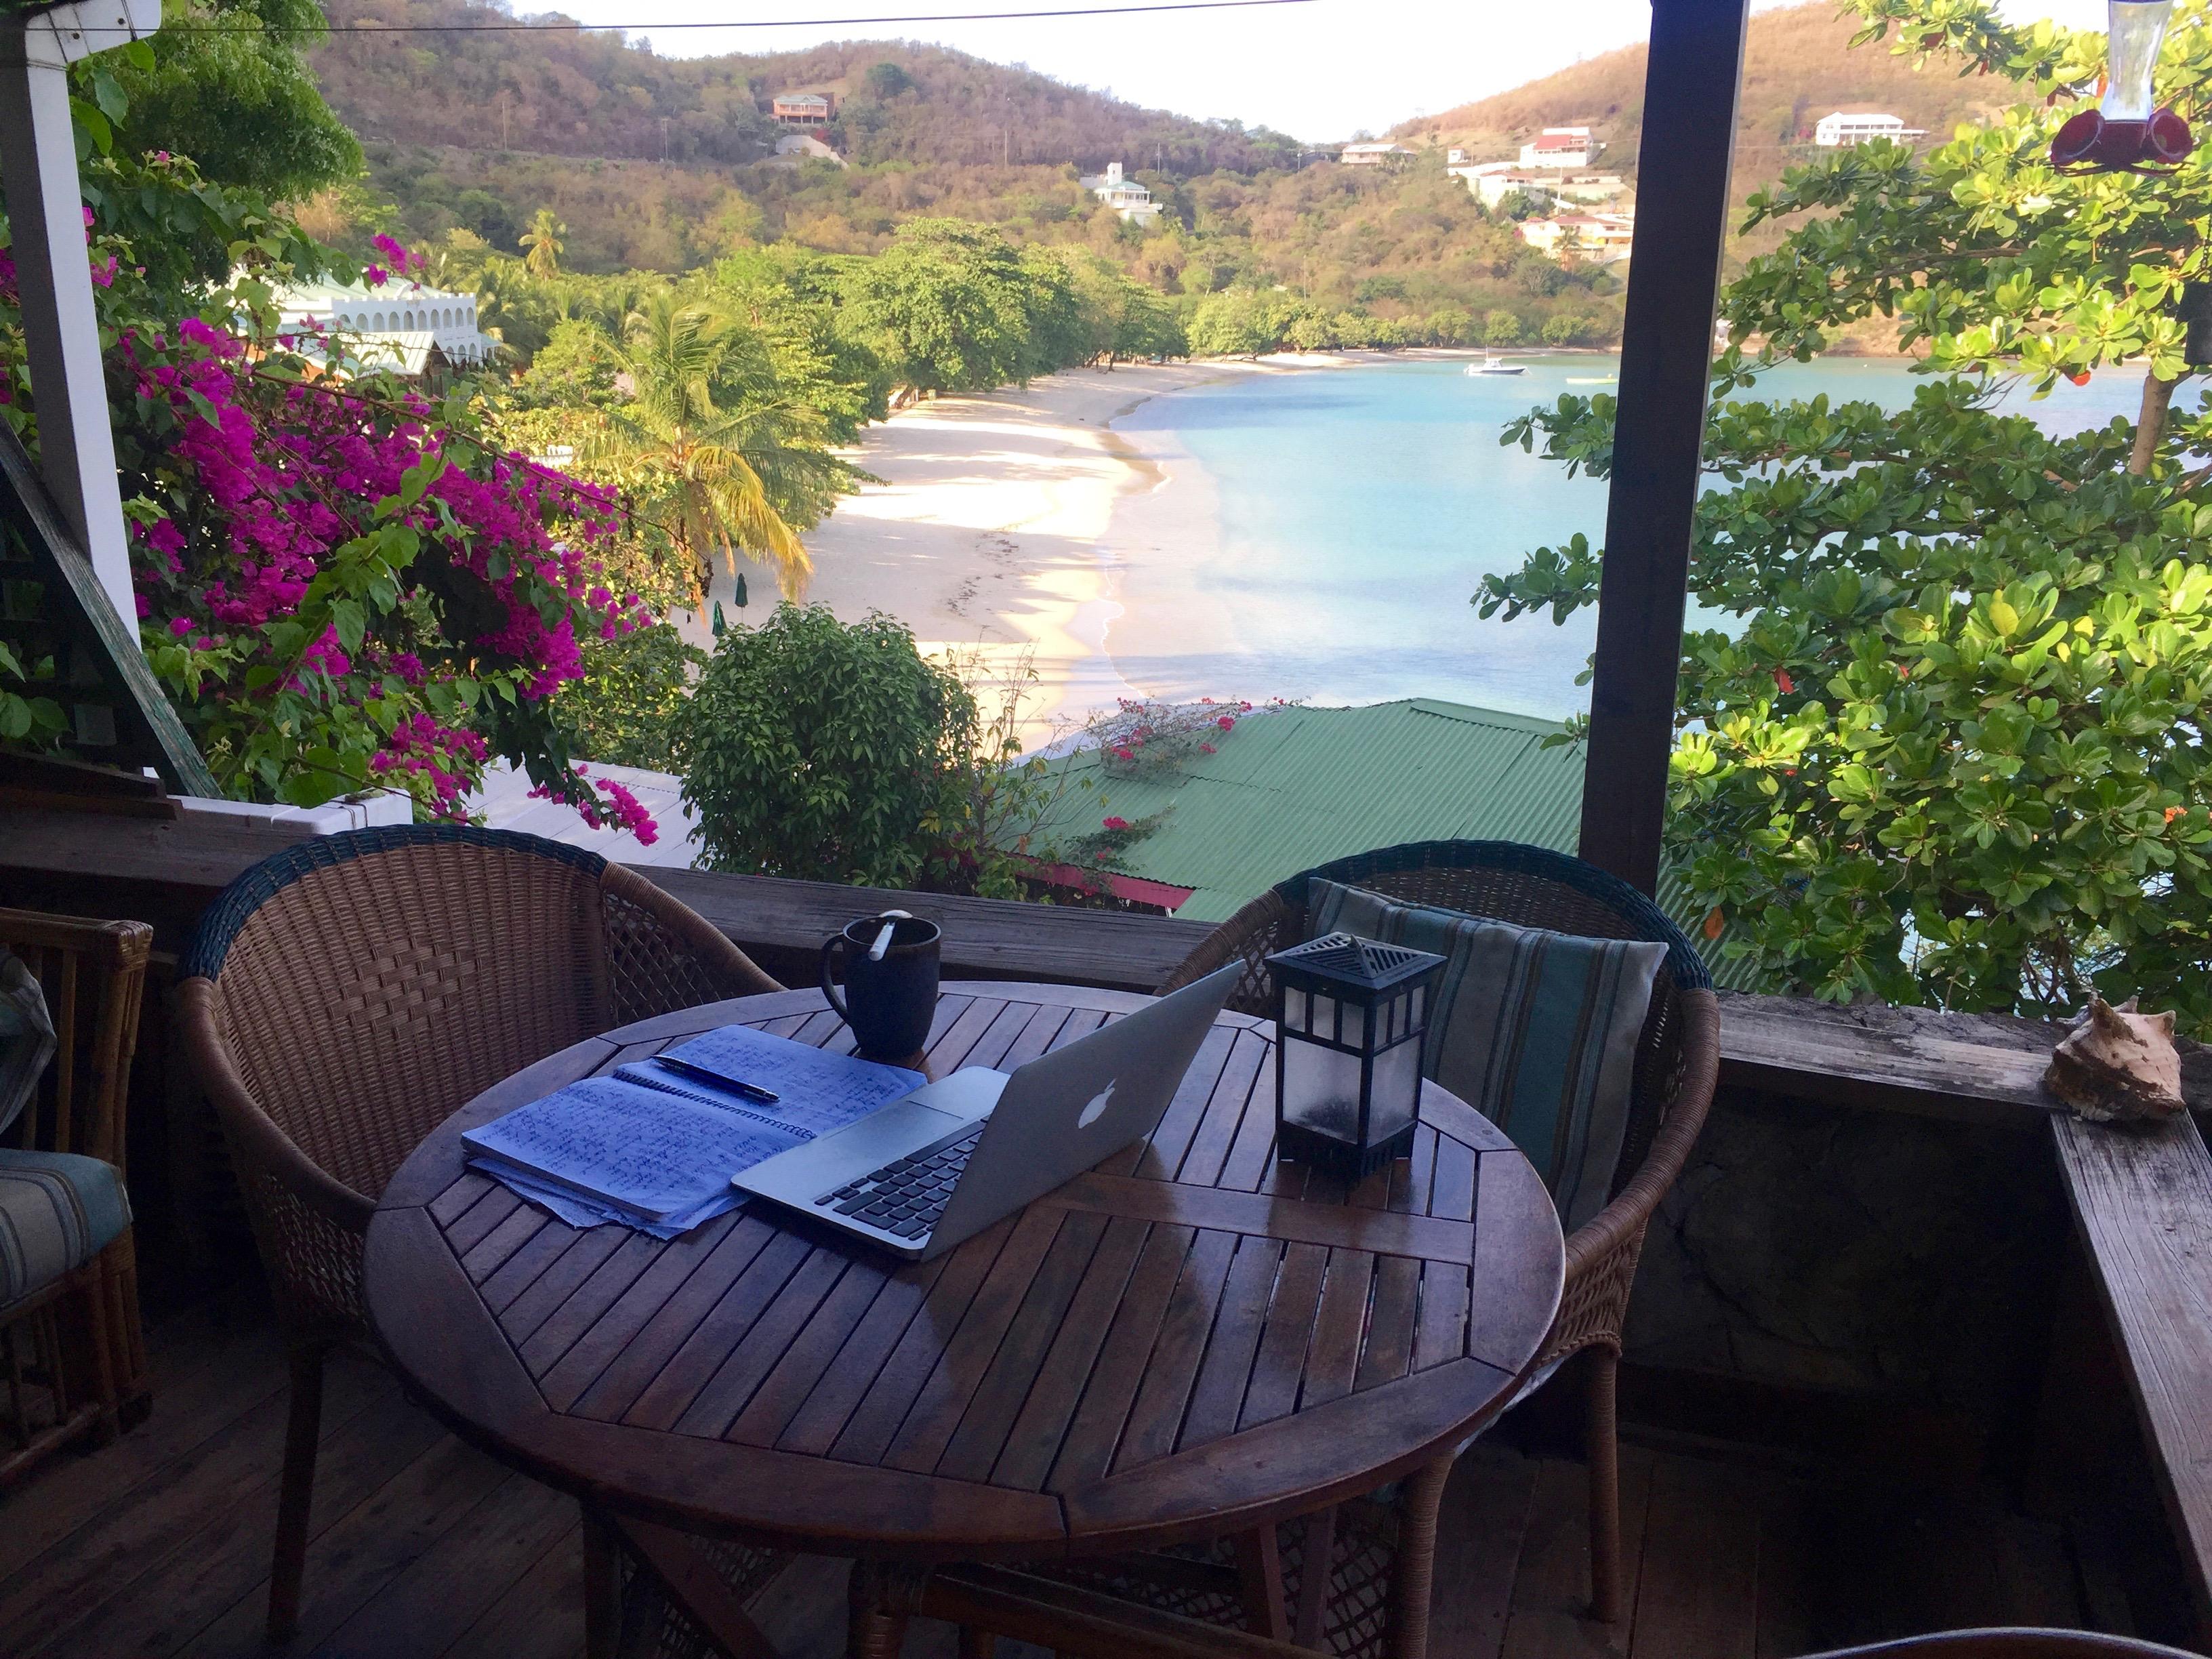 imeline kodu Grenada saarel